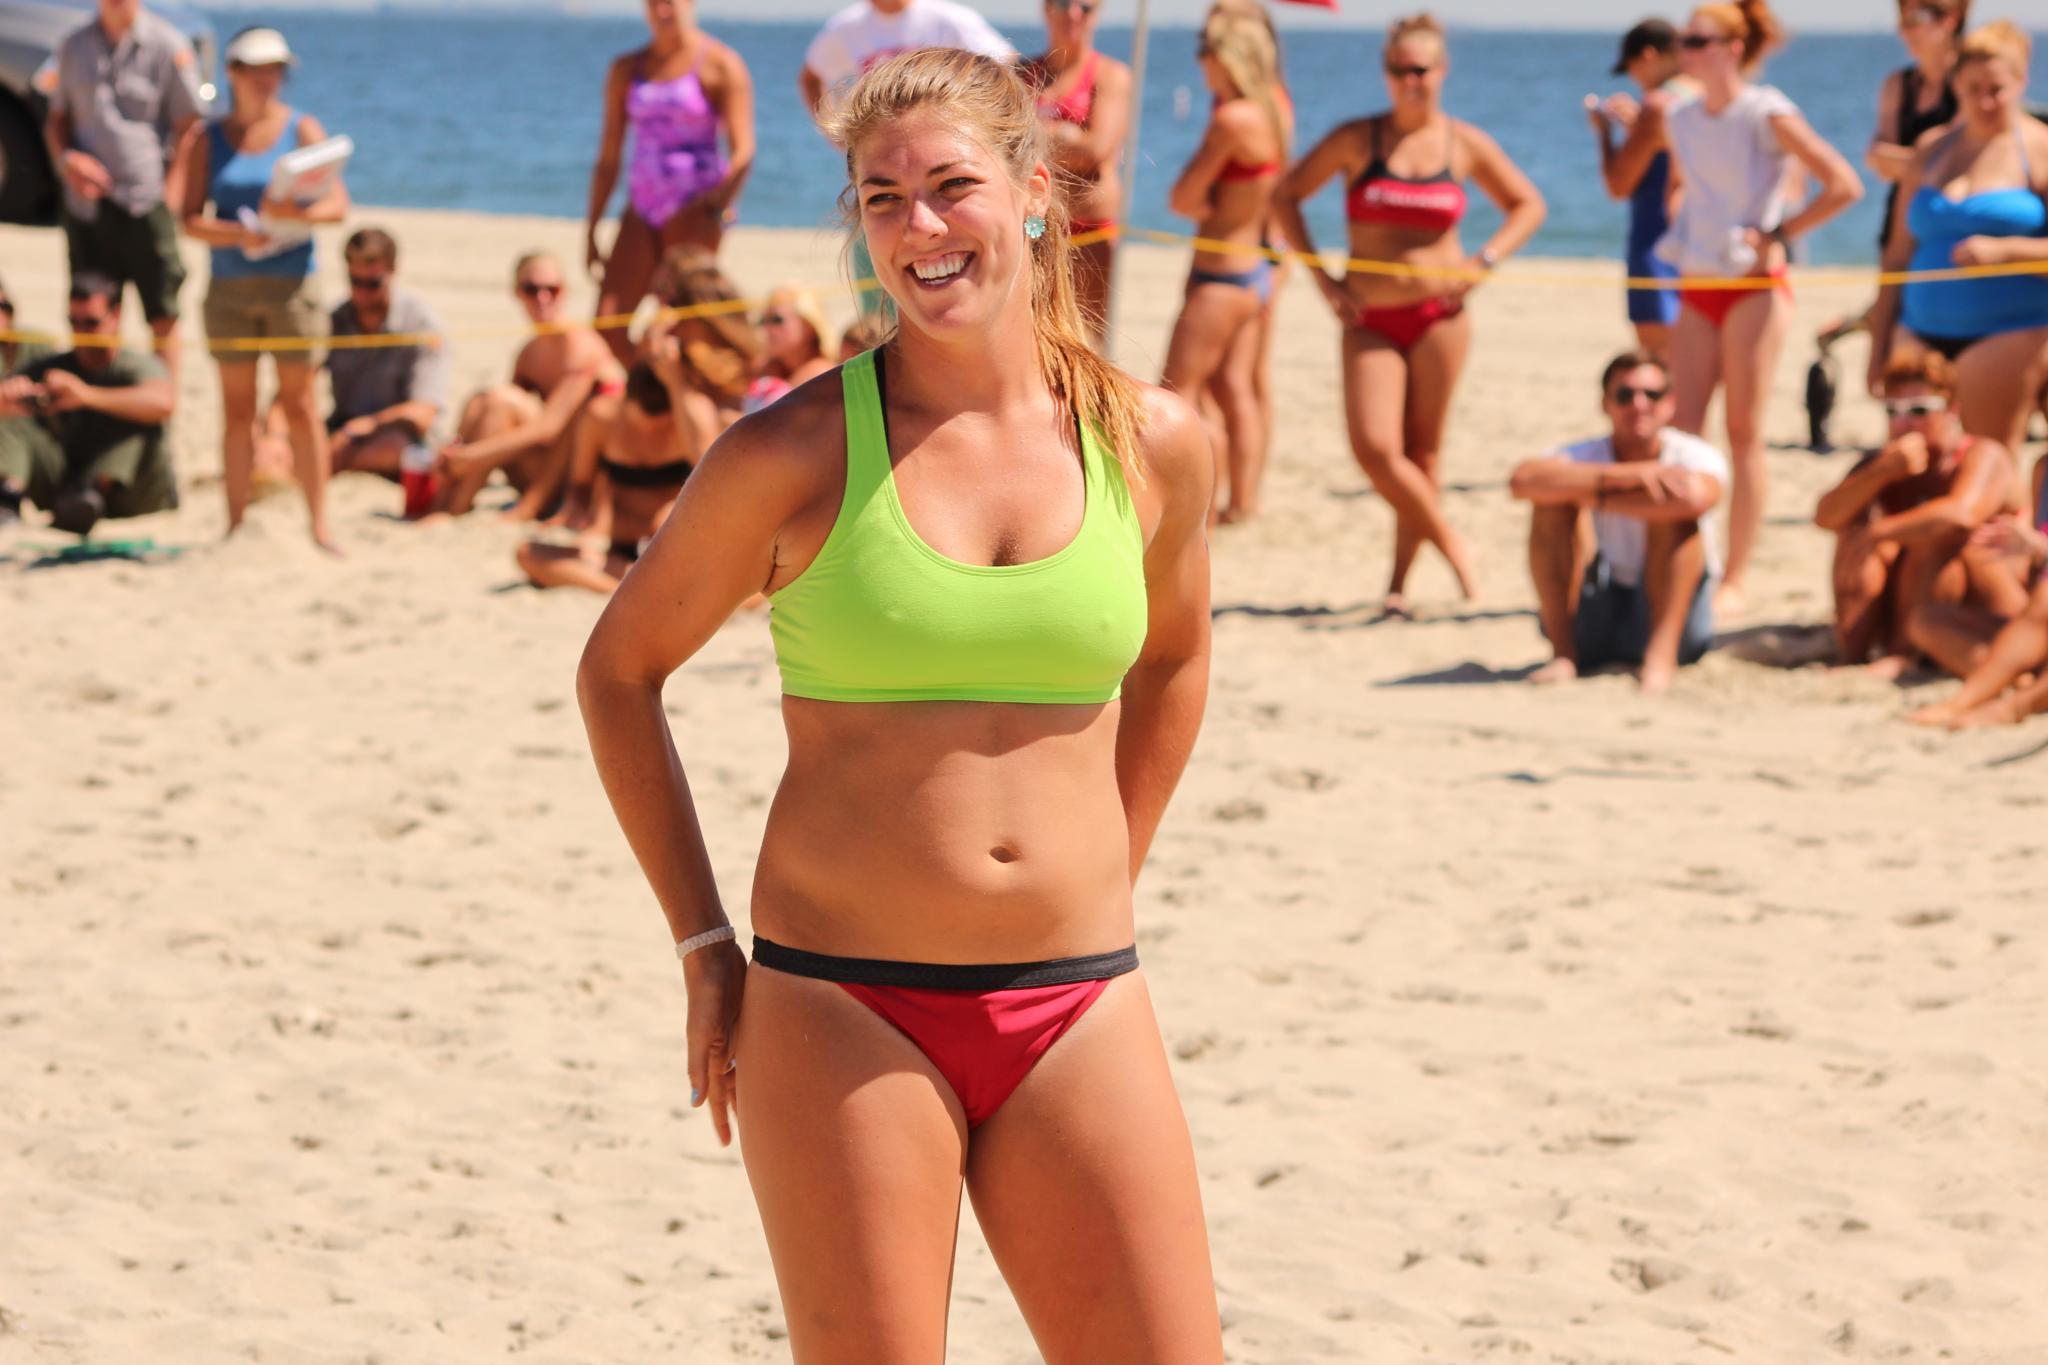 young-girl-beach-bikini-sports